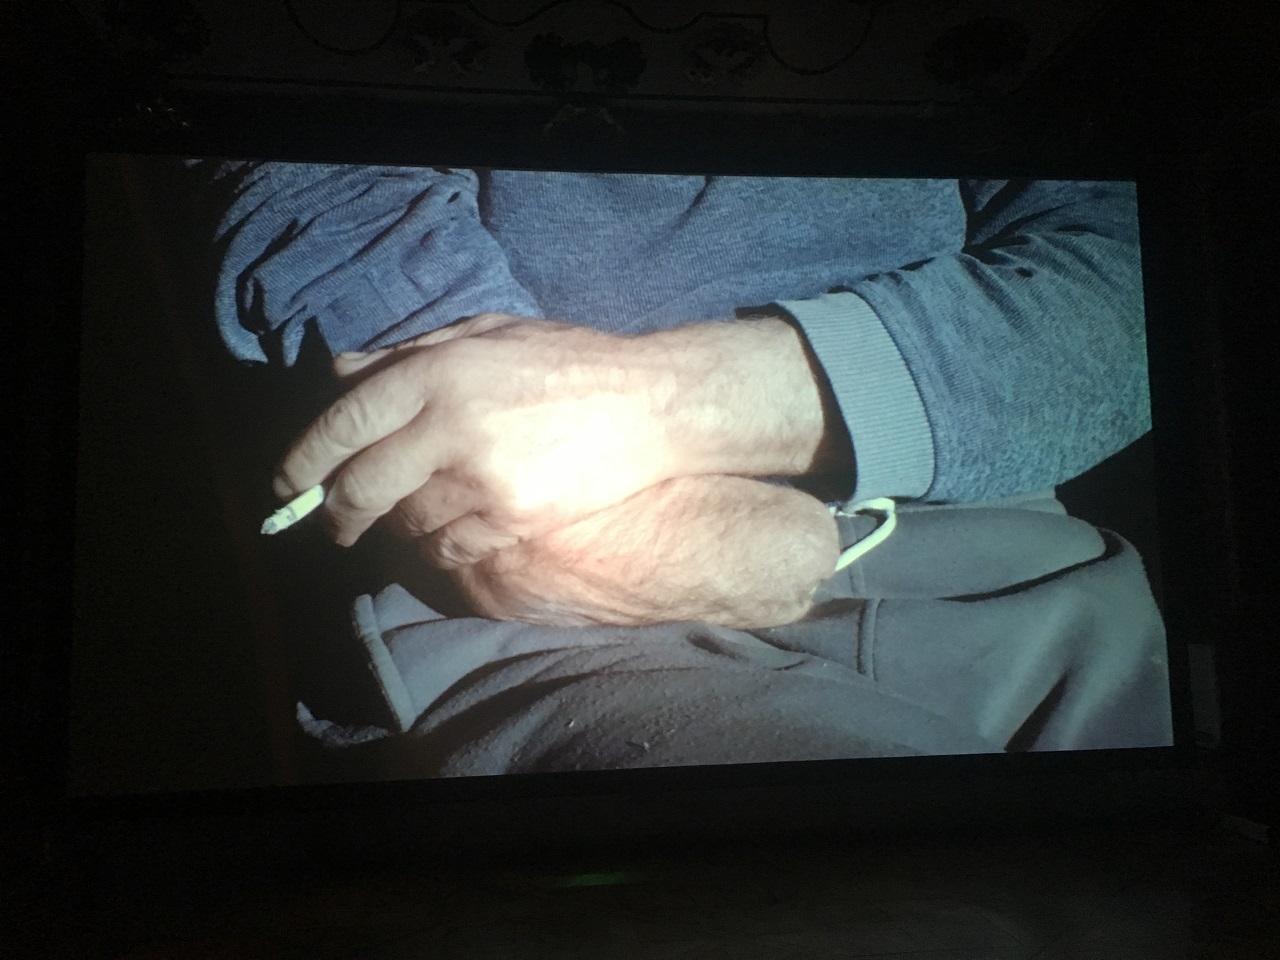 """Ein Mann nach einem Arbeitsunfall: Eine Hand fehlt ihm, der Arm ist ein Stumpf. Ein Filmstill aus dem Film """"The invisible hand of my father"""" von Giorgi Gago Gagoshidze"""